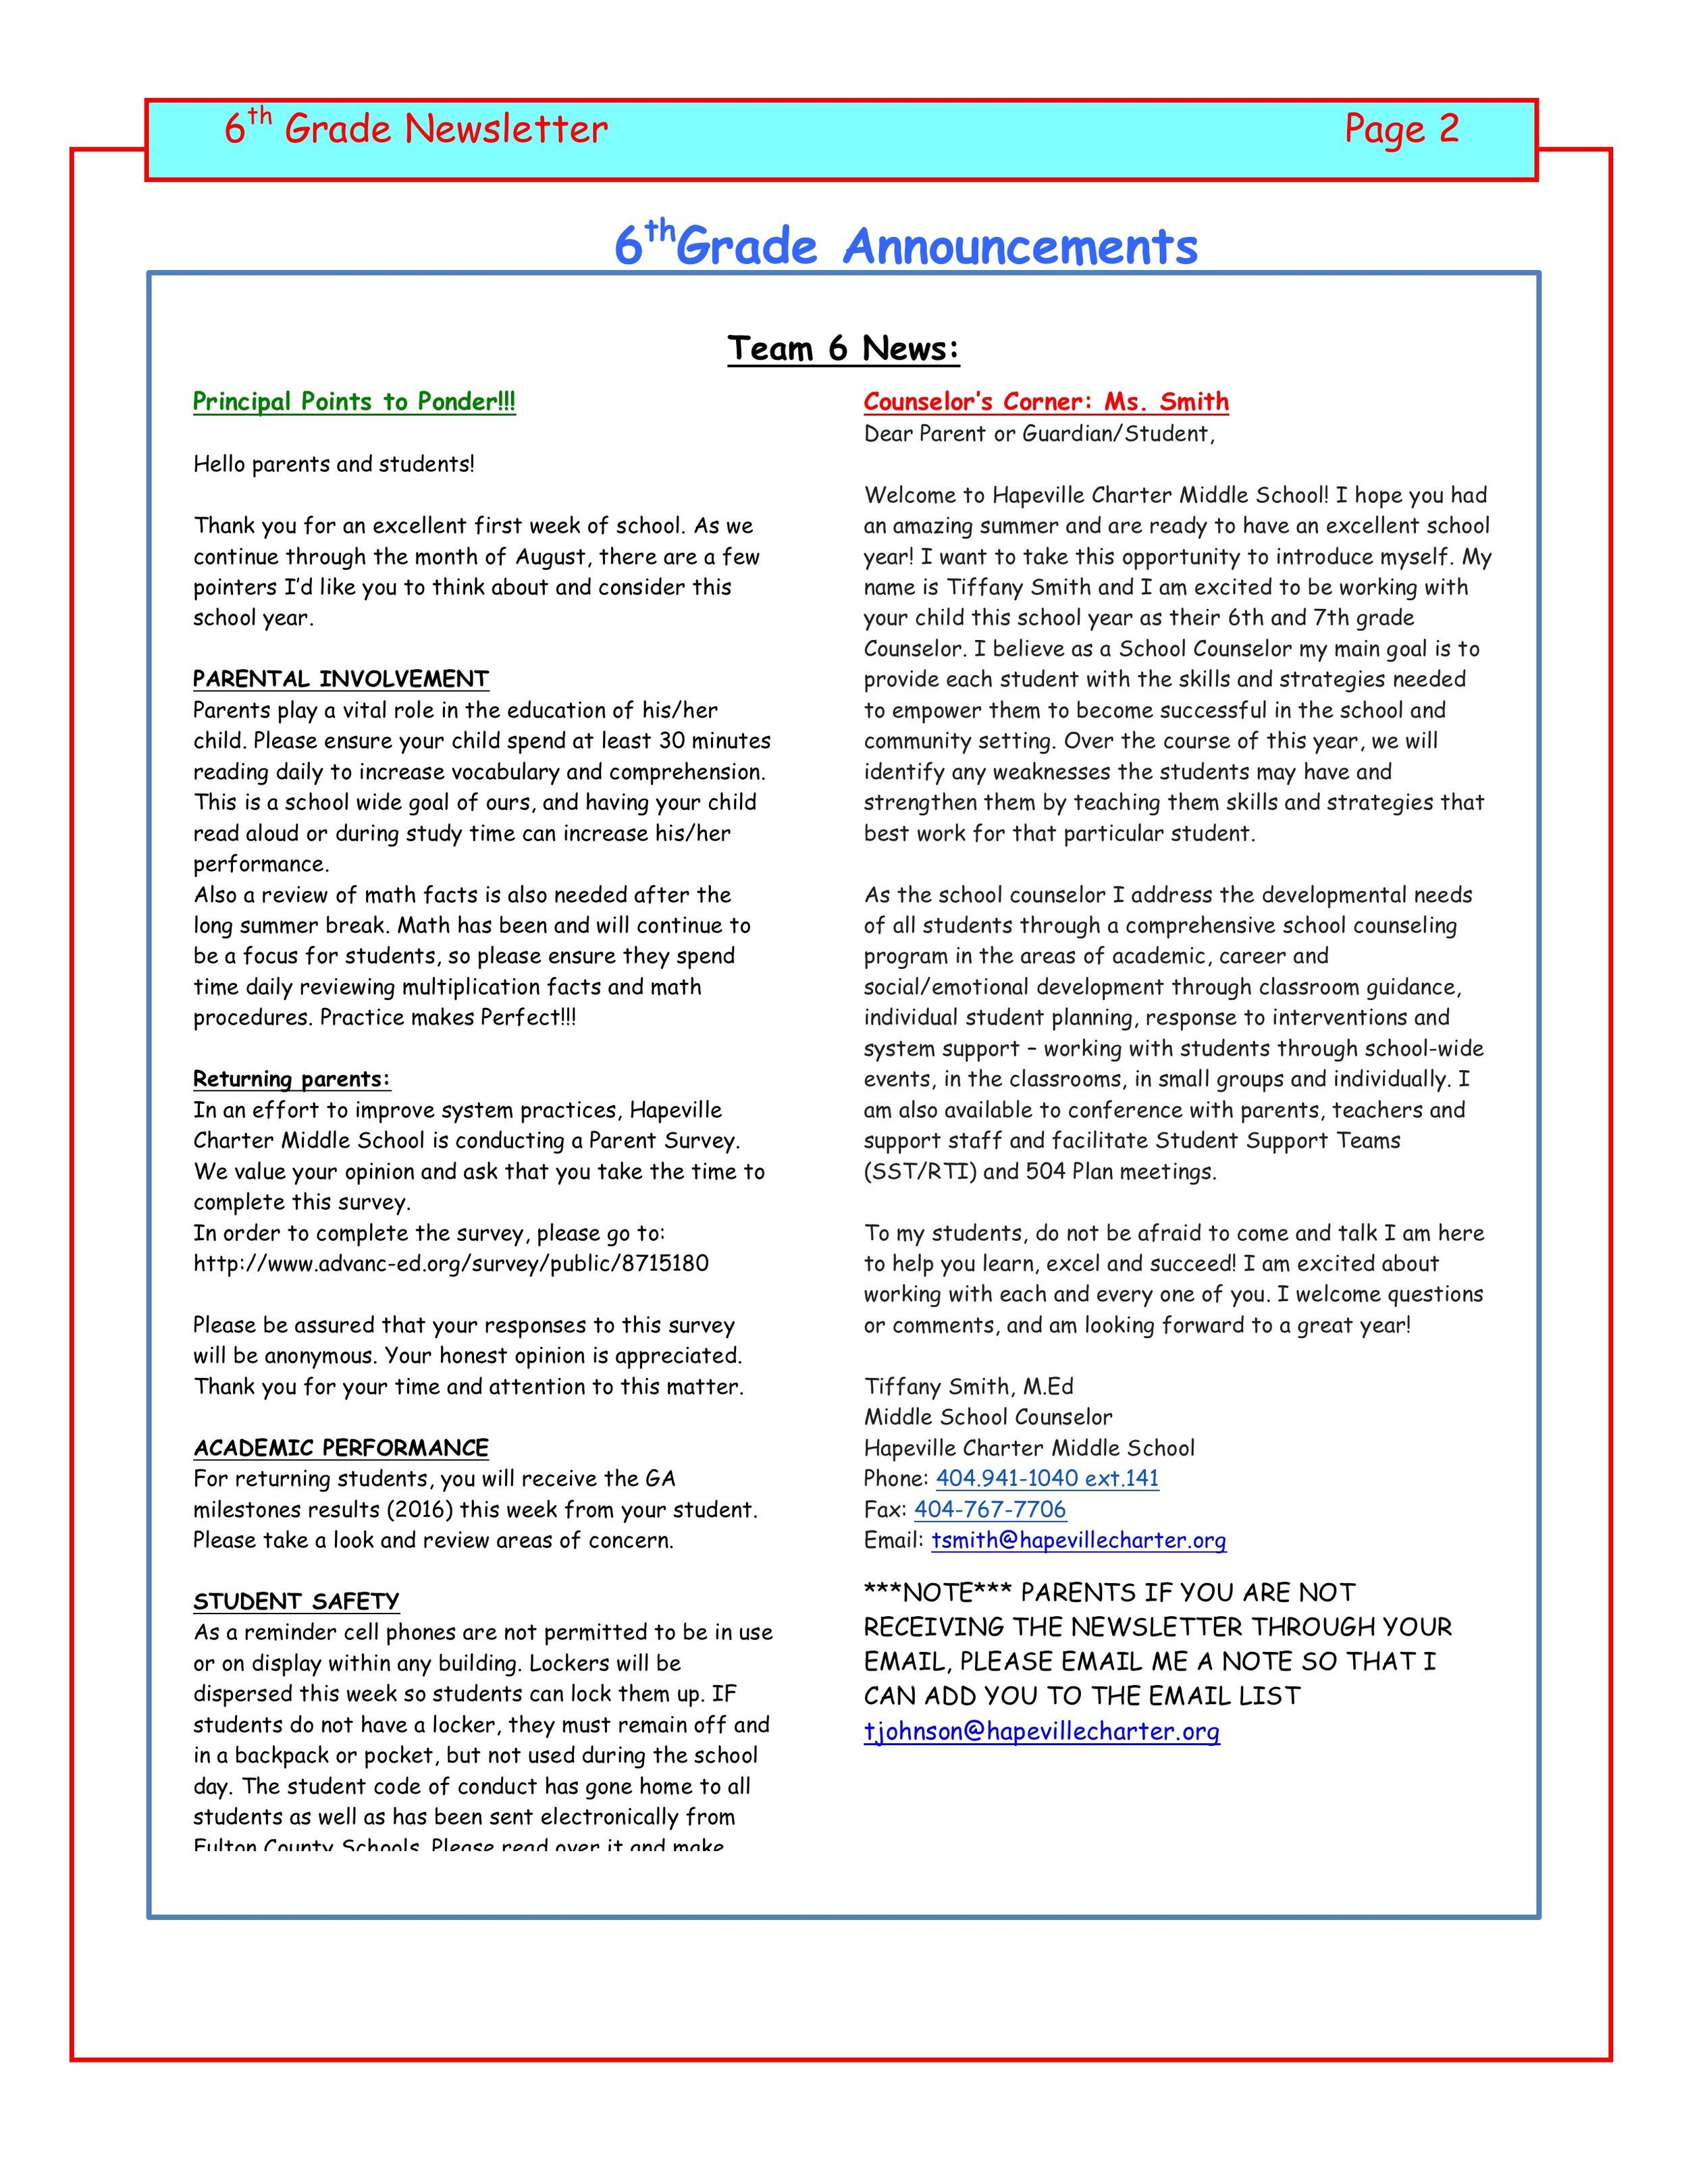 Newsletter Image7th Grade Newsletter 8.15.2016 2.jpeg